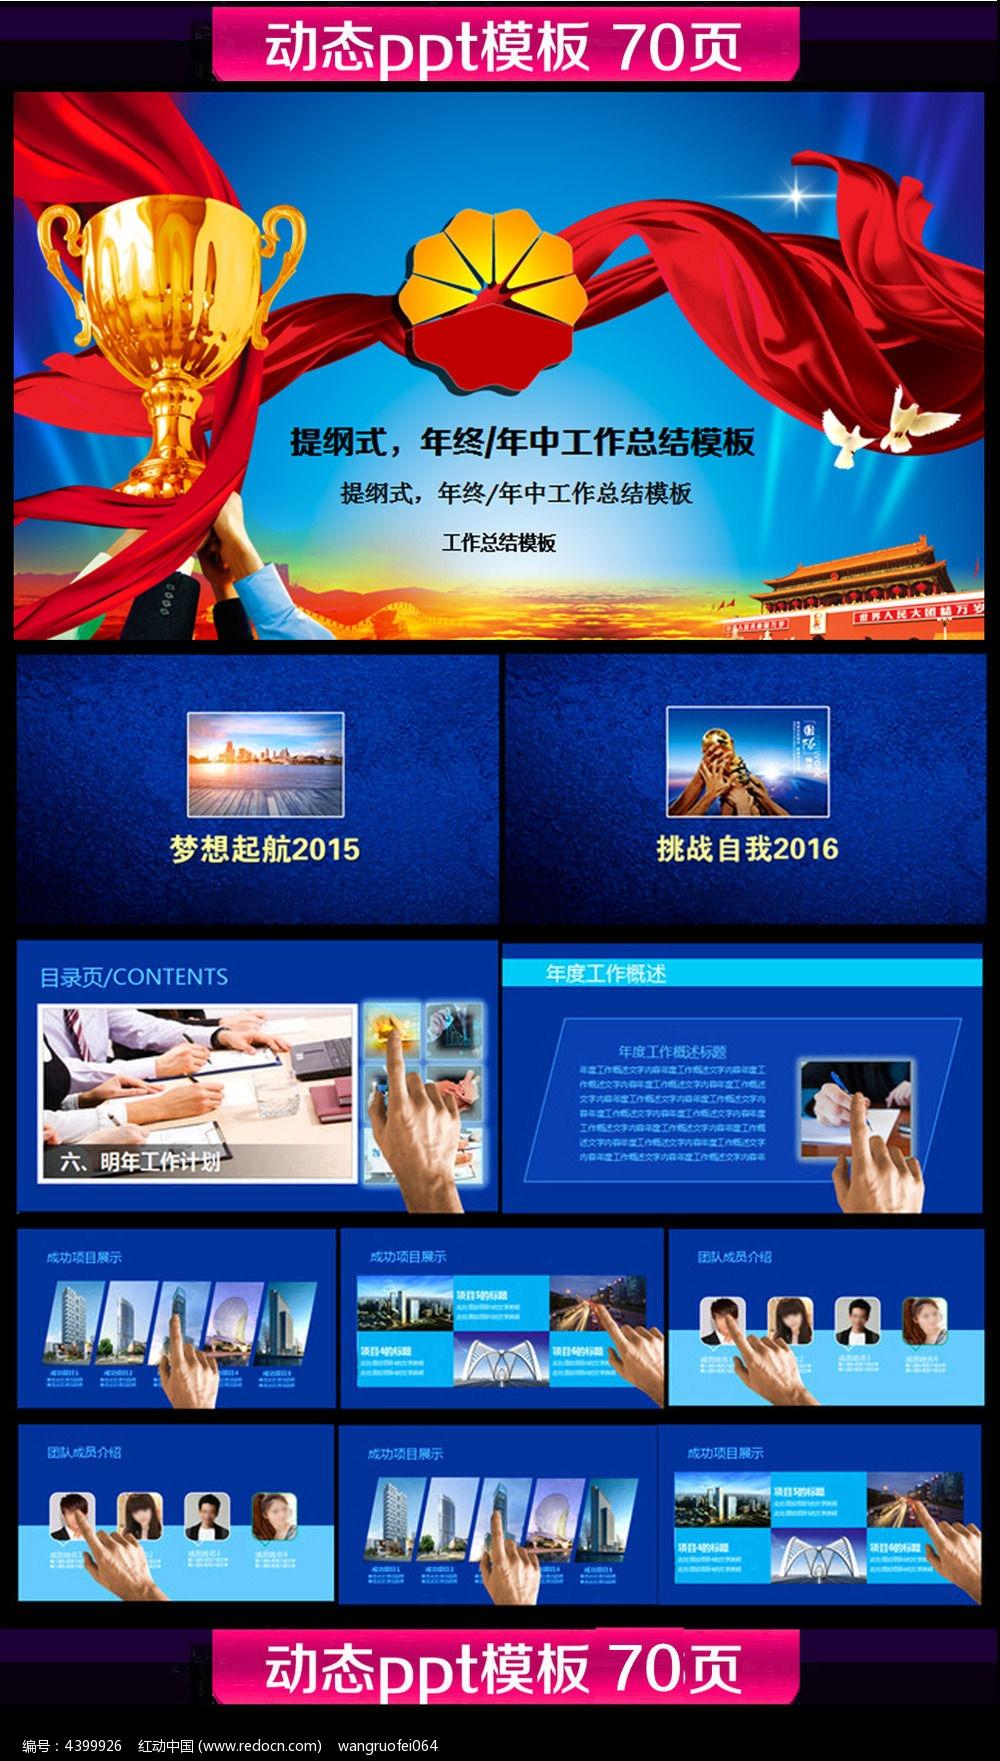 中国石油天然气ppt模板图片